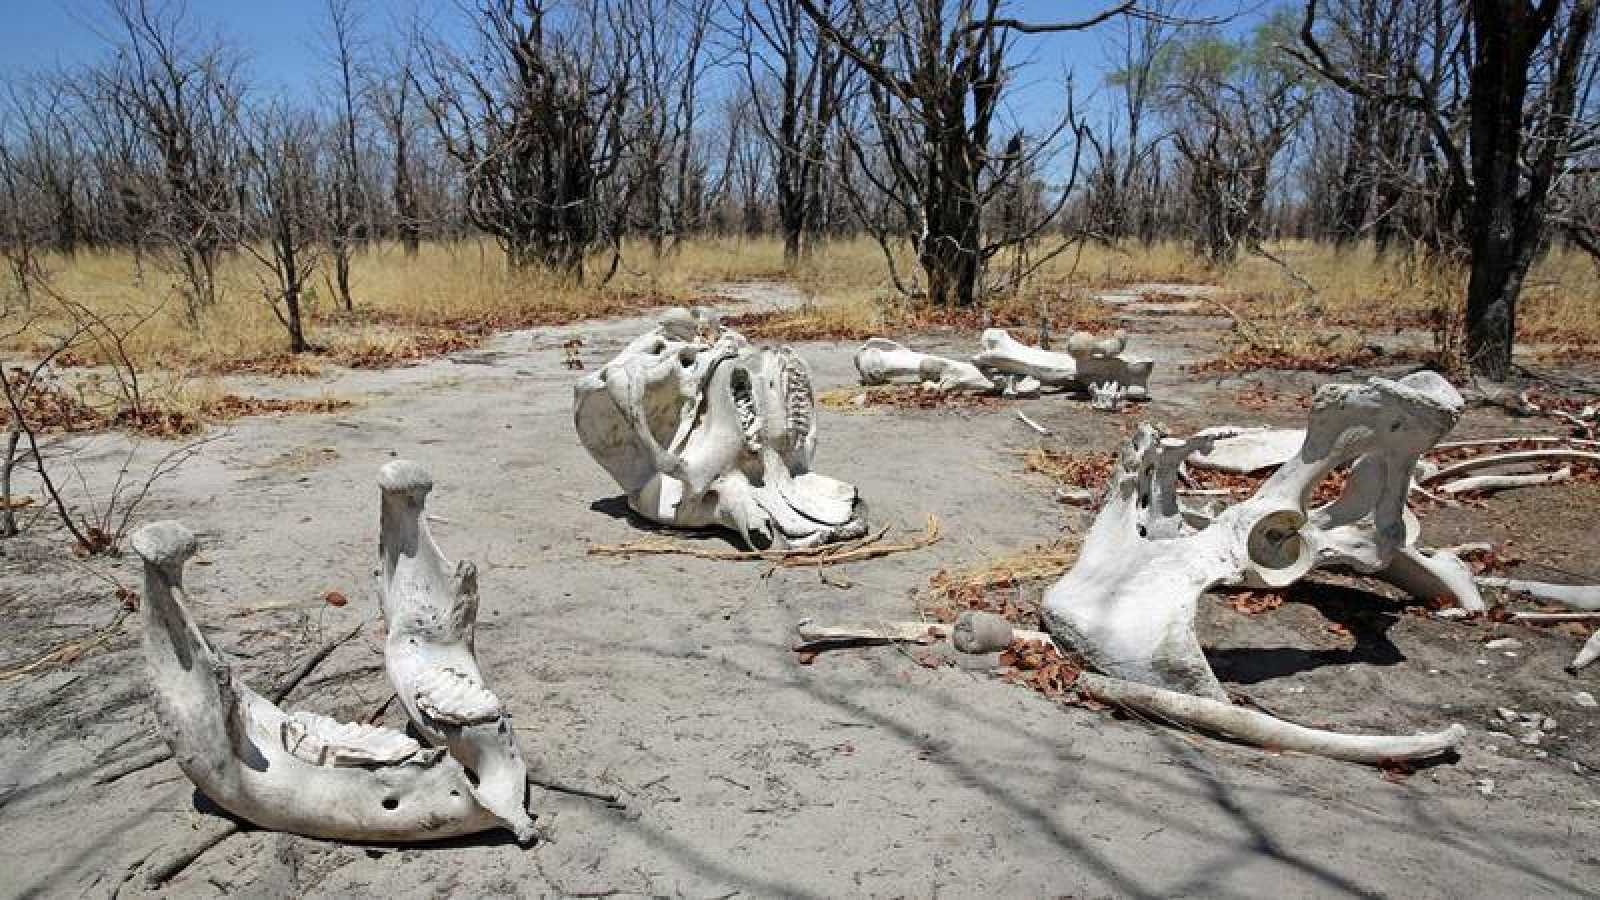 Más del 40% de las especies han experimentado una grave disminución en su población. En la imagen, restos de un elefante.